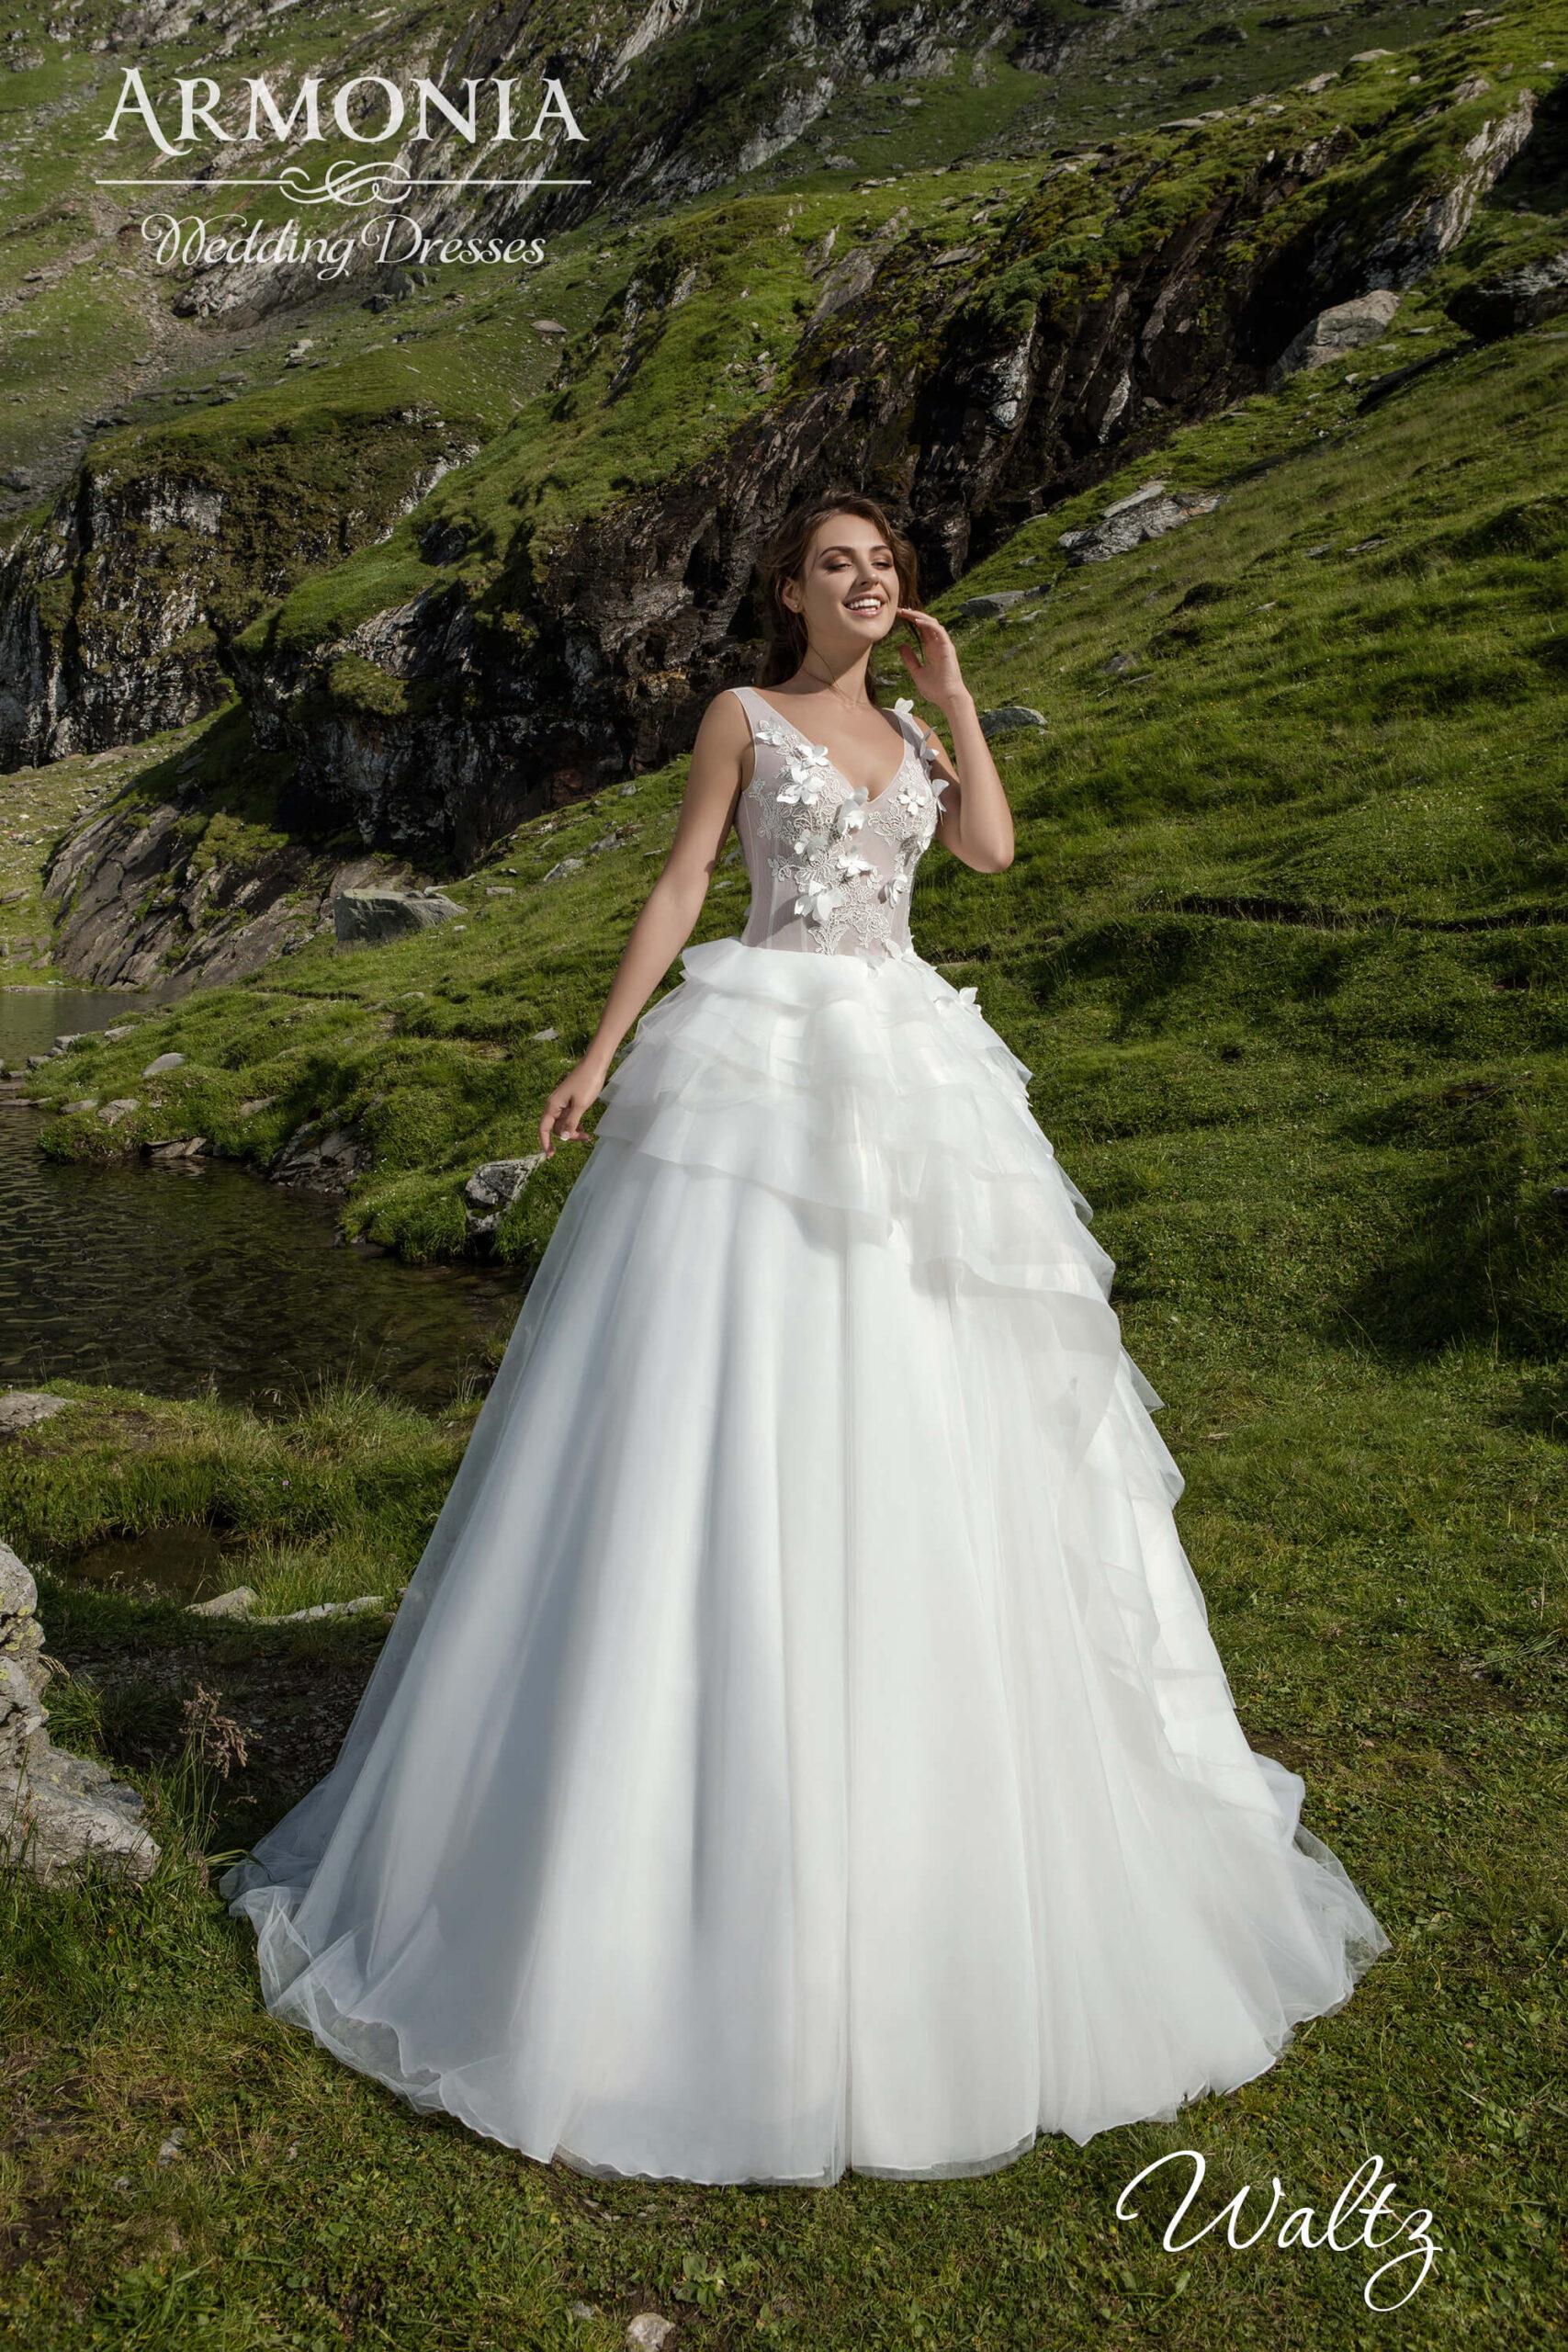 Весільна сукня Waltz Armonia